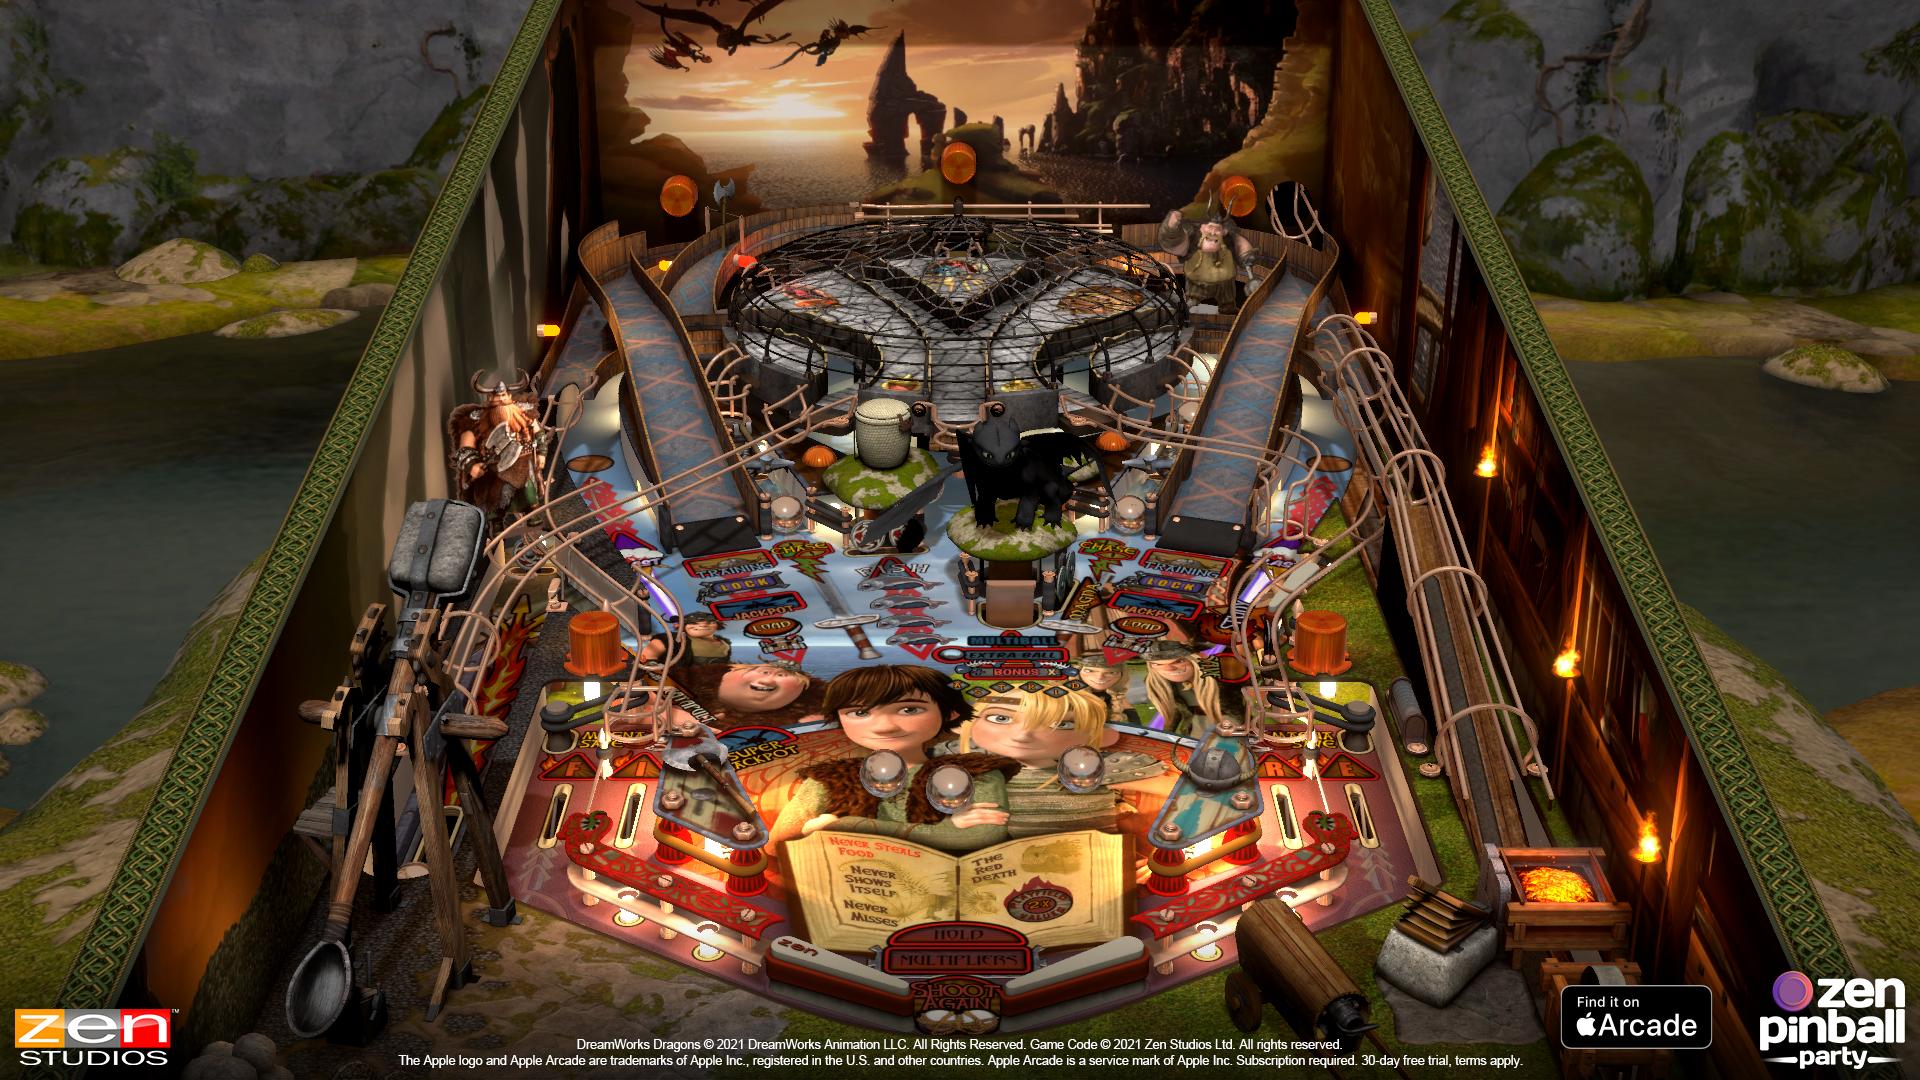 BlahCade 227: Zen brings Apple to a Pinball Party